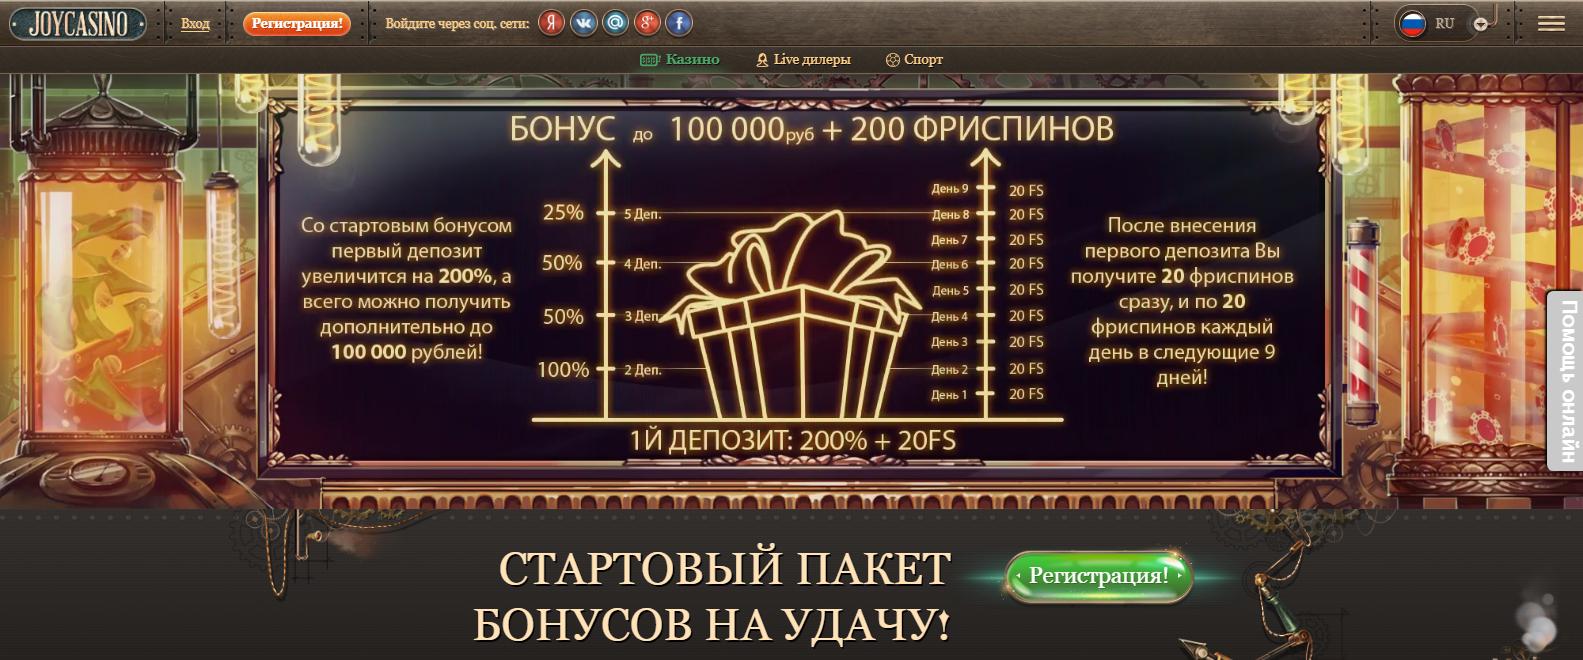 бонусы в казино joycasino